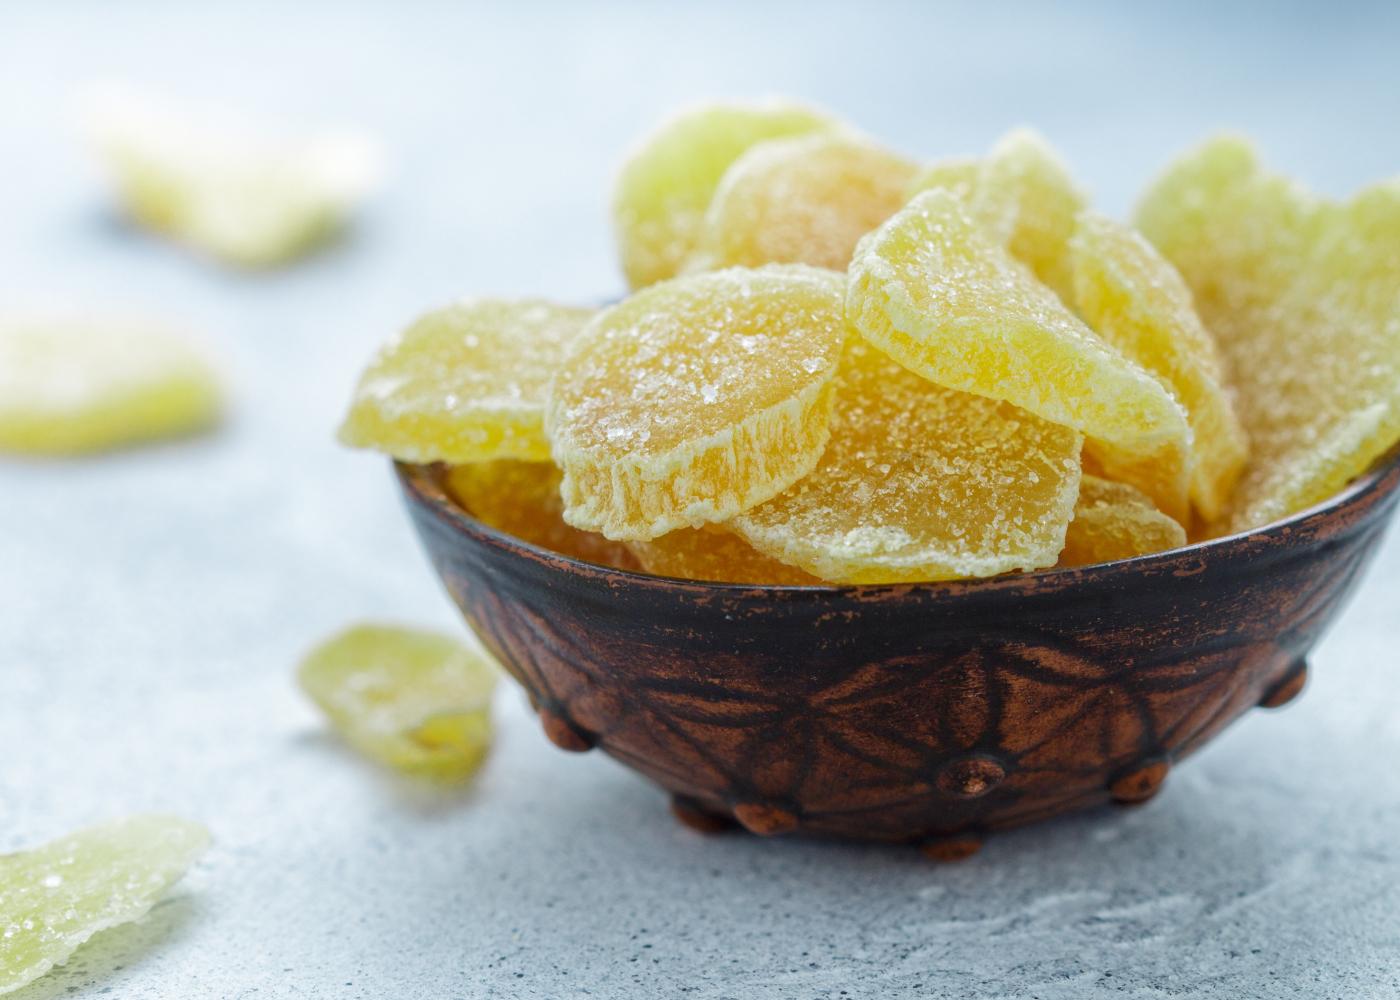 fruta cristalizada gomos de laranja e limao cristalizados